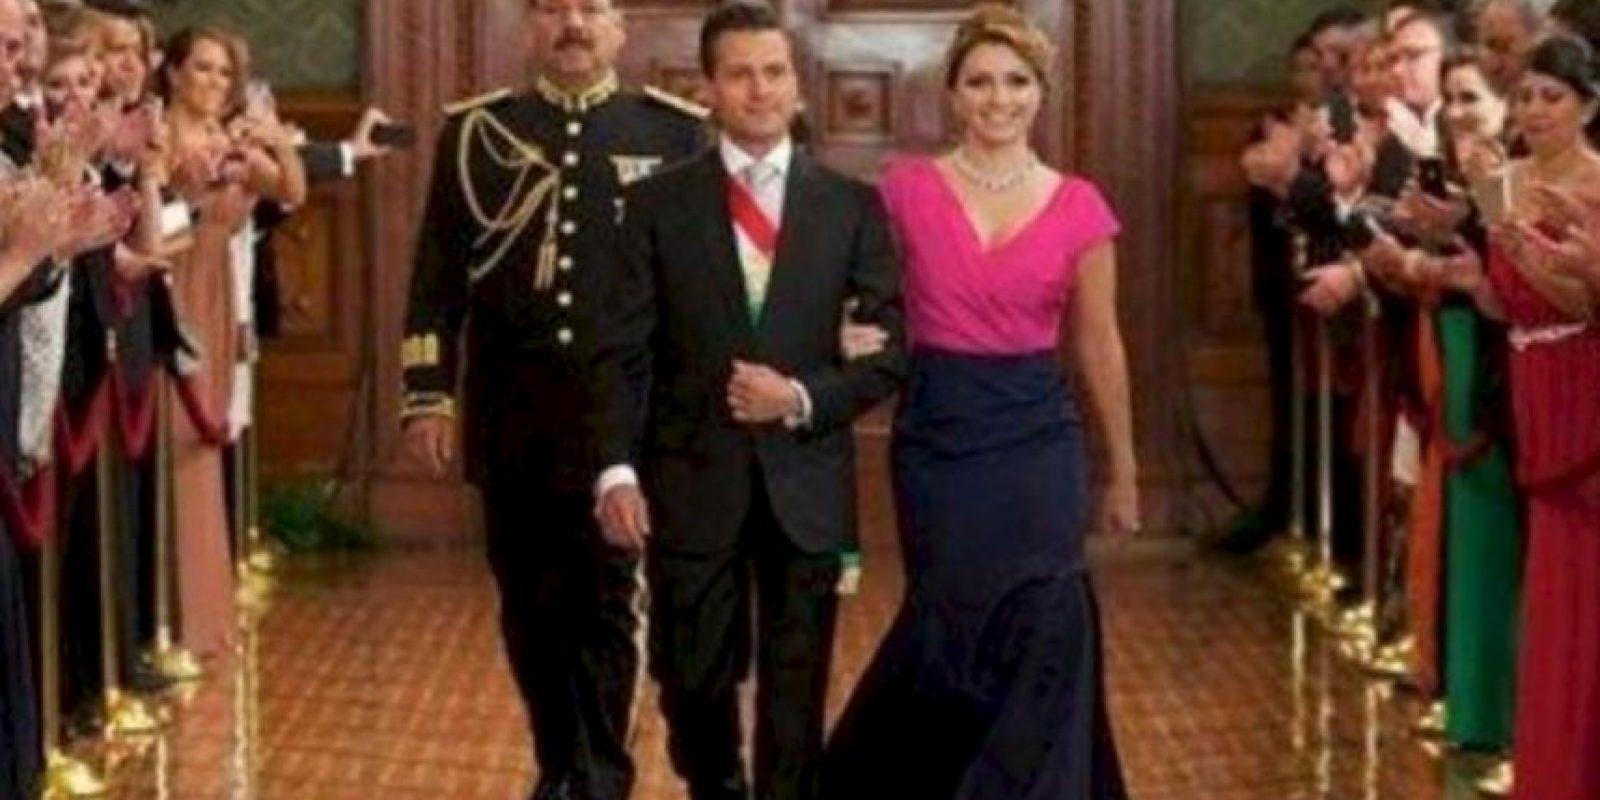 Angélica Rivera, la primera dama mexicana, ha causado polémica por el costo de sus looks. Foto:vía Getty Images